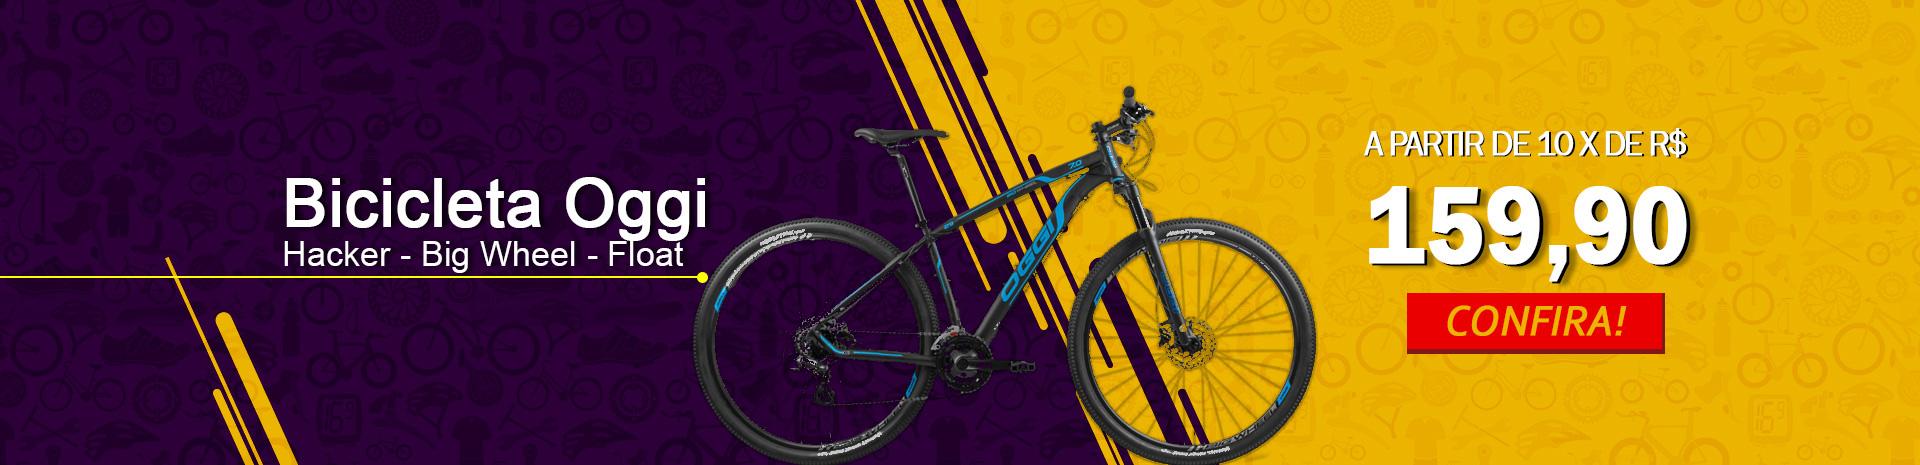 Bicicleta Oggi a partir de 10x R$ 159,90